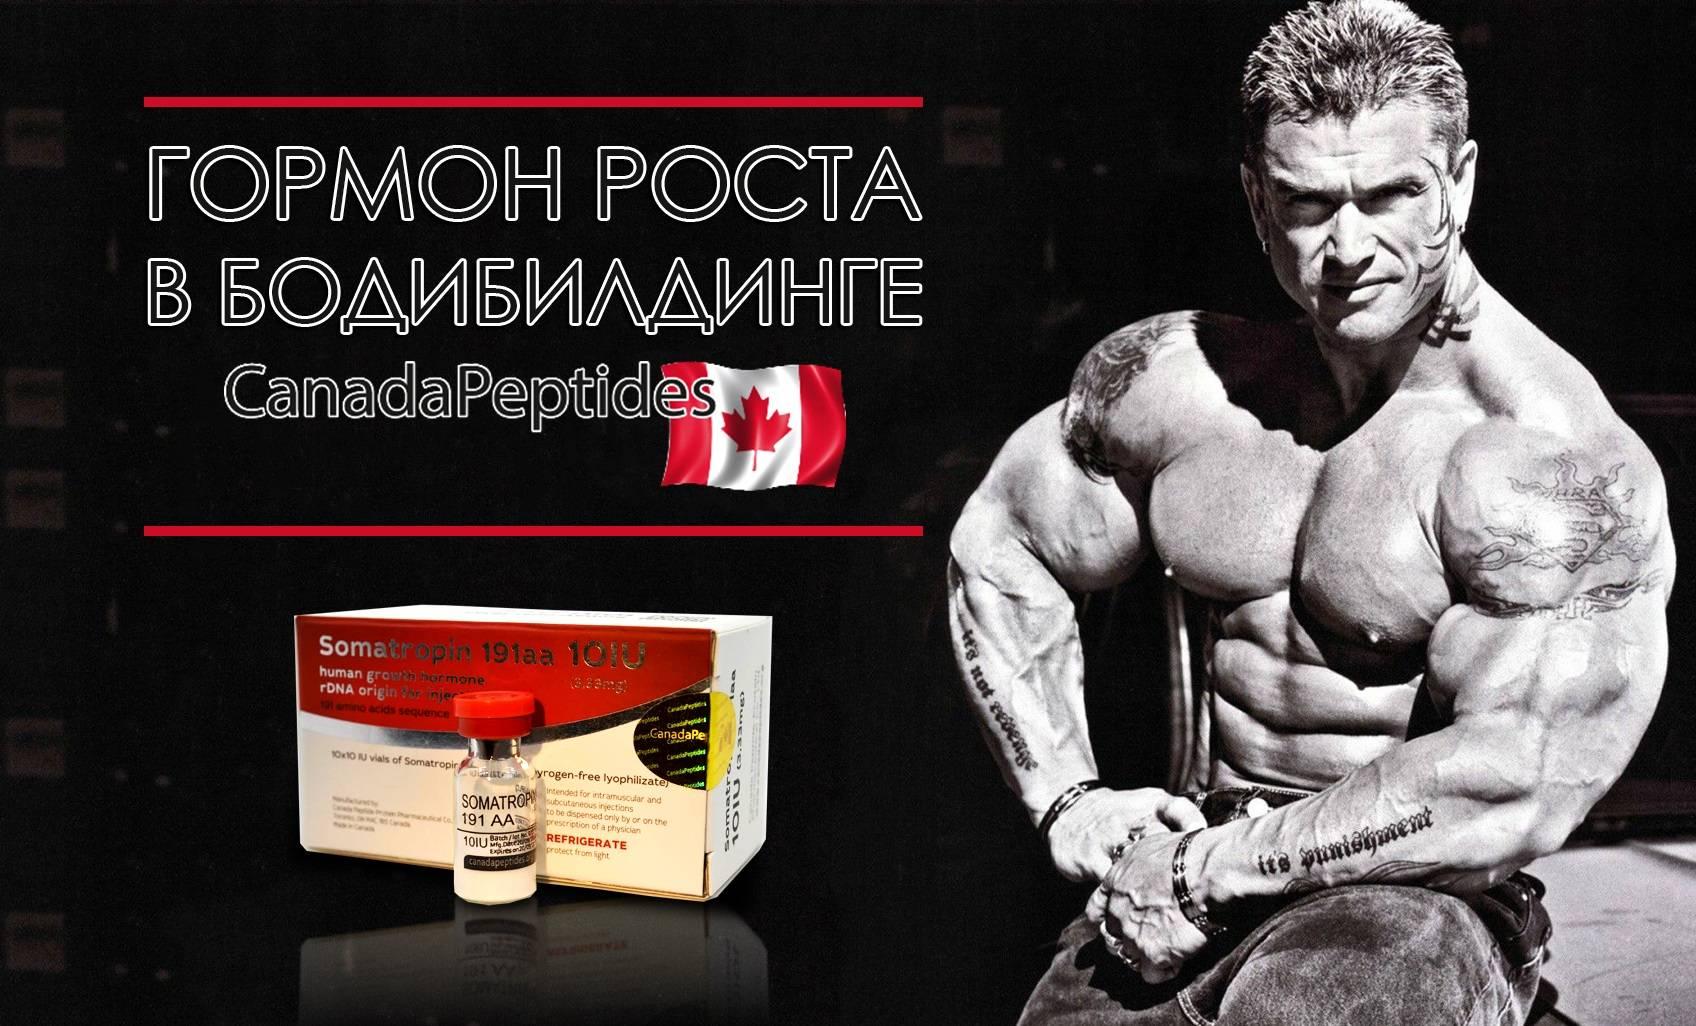 Лучшие препараты для набора мышечной массы, эффективные и безопасные